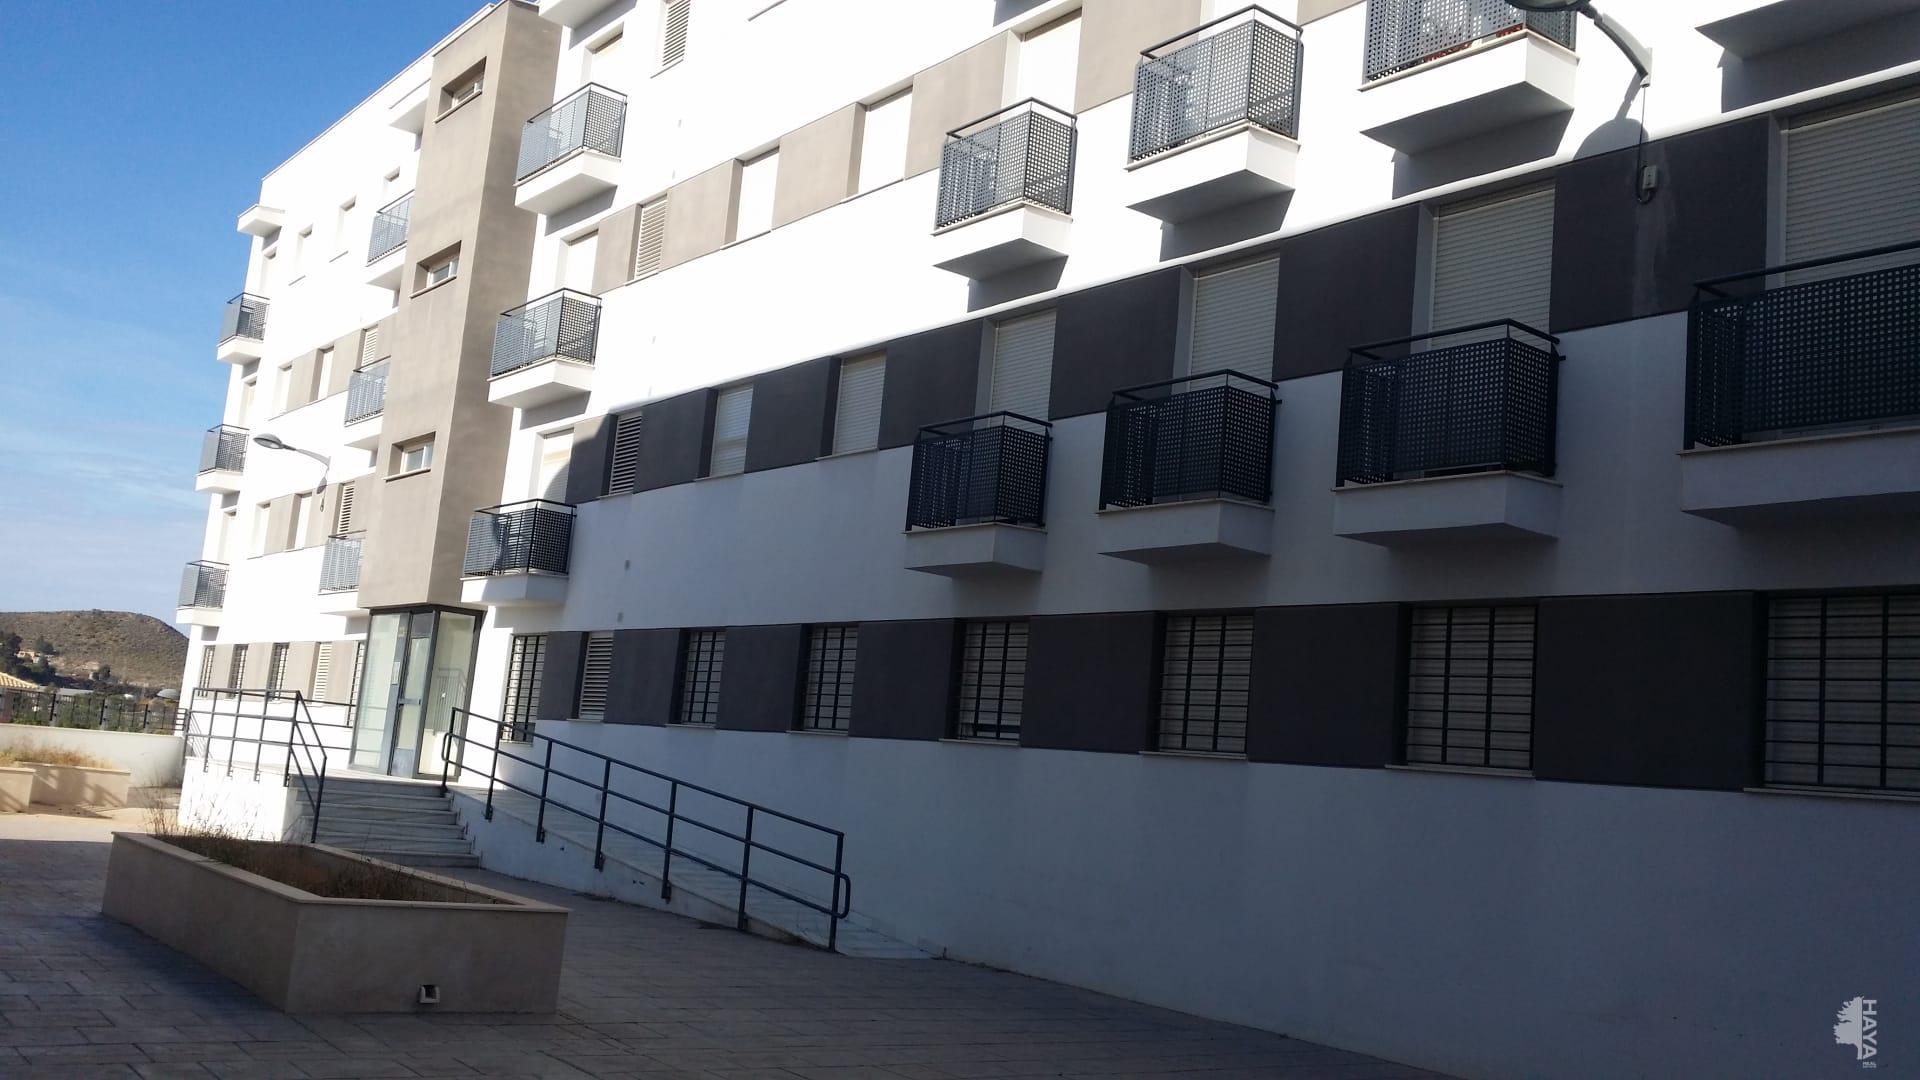 Piso en venta en Olula del Río, Almería, Calle Alta, 68.900 €, 3 habitaciones, 1 baño, 103 m2